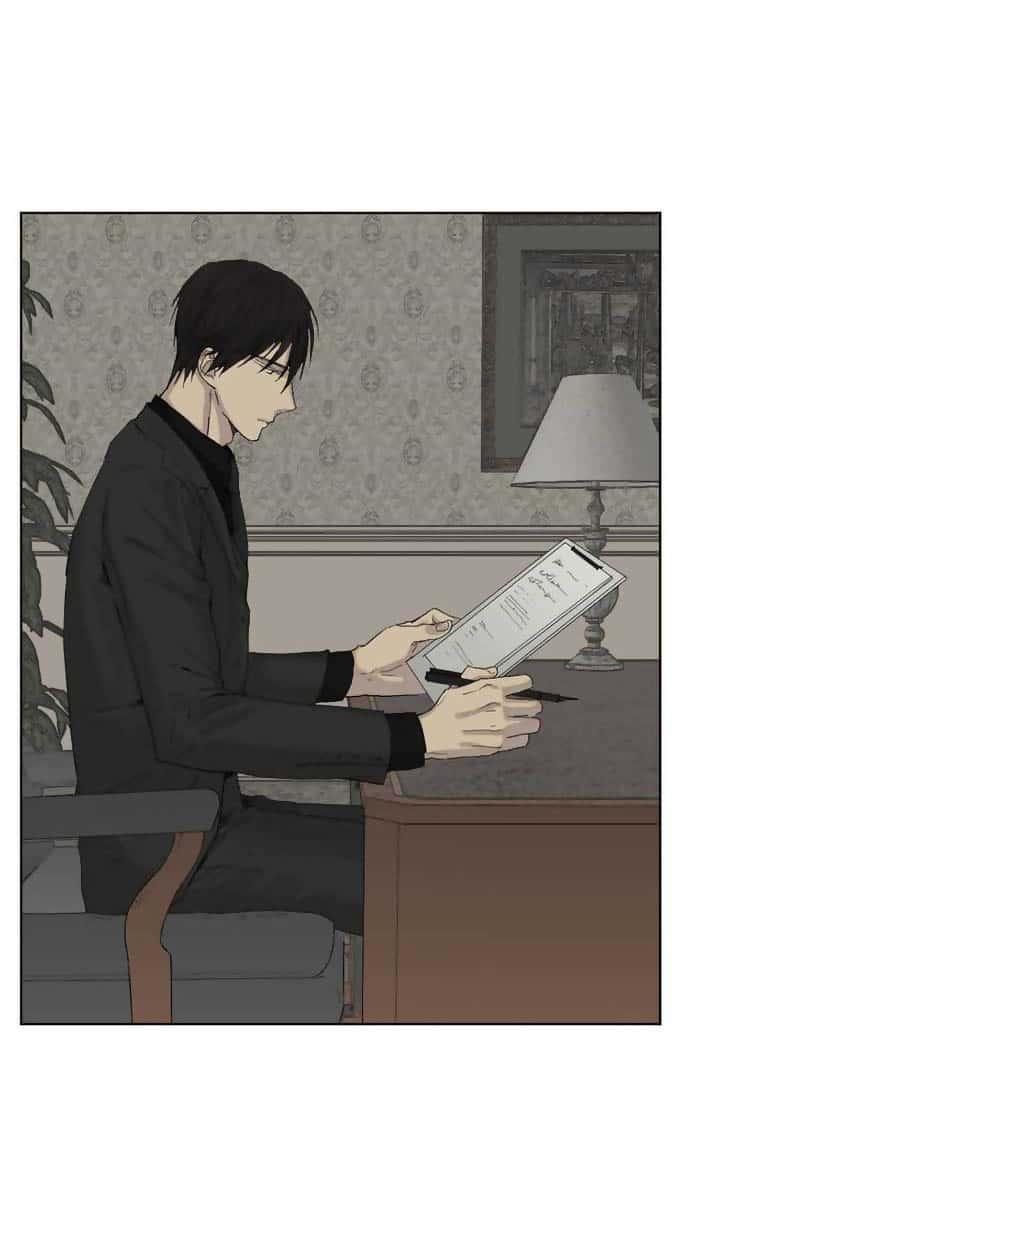 Người hầu hoàng gia - Royal Servant - Chương 007 - Trang 24